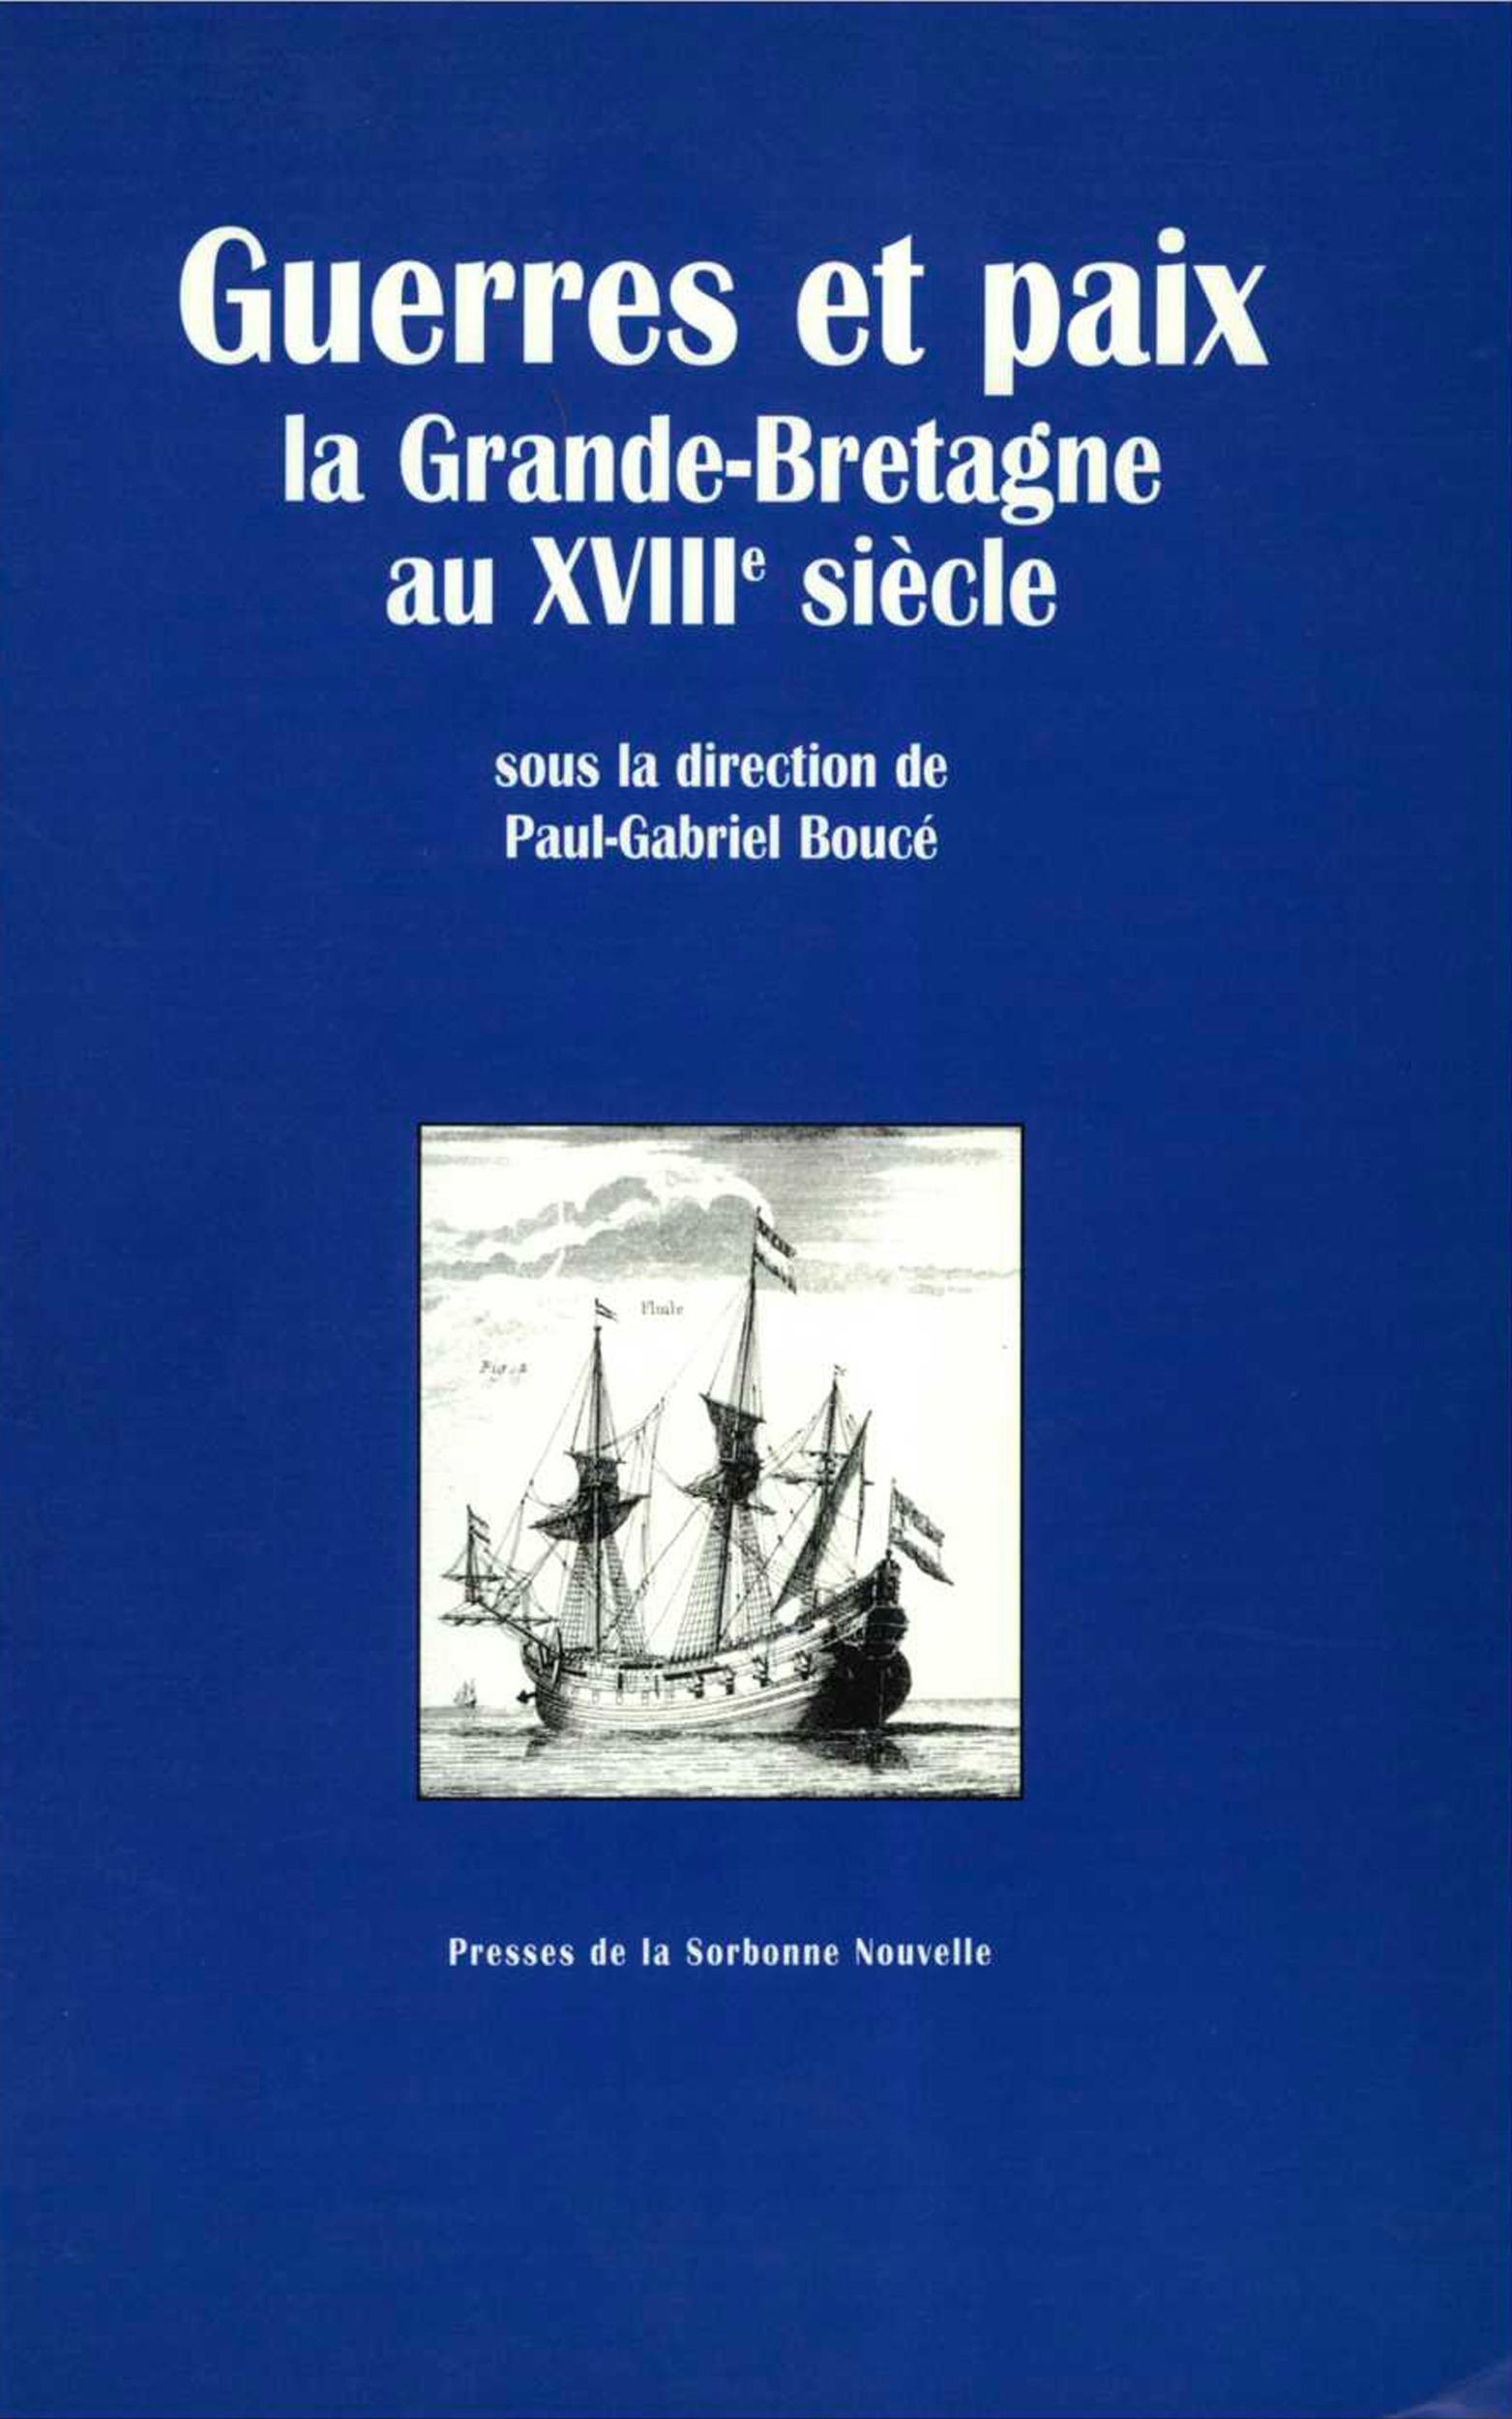 Guerres et paix, LA GRANDE-BRETAGNE DU XVIIIE SIÈCLE